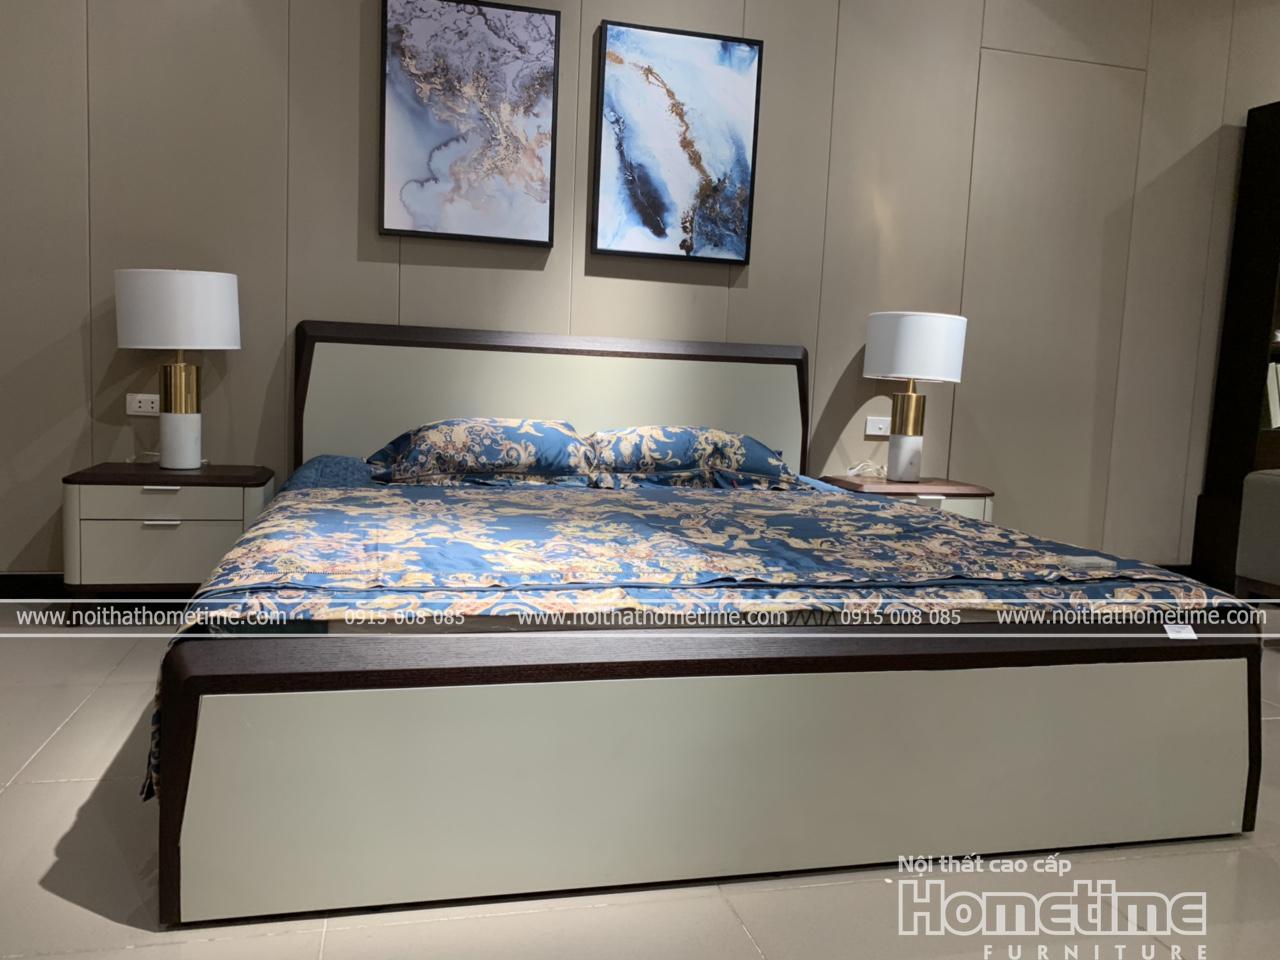 Giường ngủ nhập khẩu cao cấp Hải Phòng GNK1807A